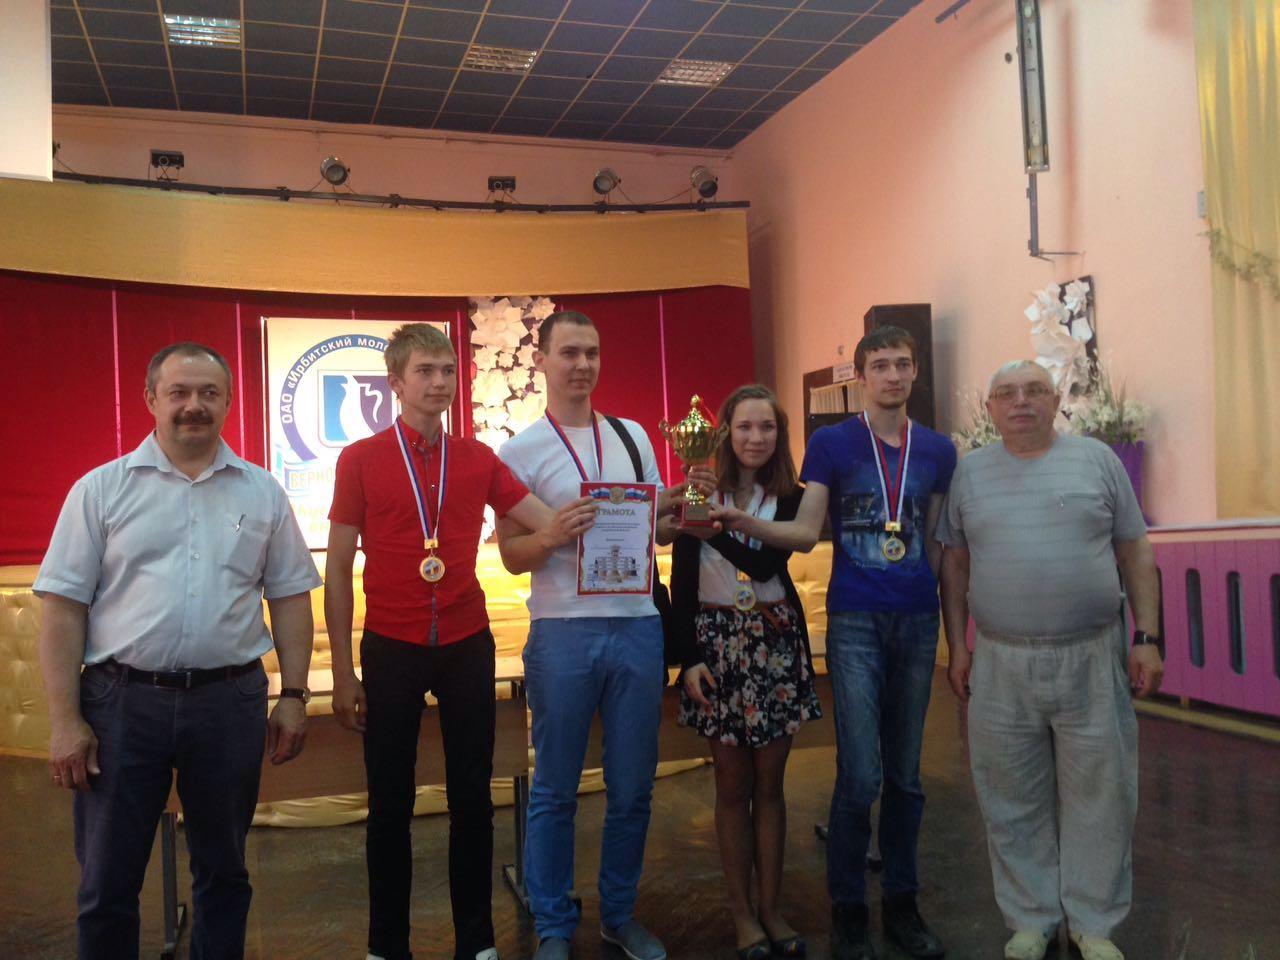 Николай Богданов стал чемпионом Свердловской области по быстрым шахматам в составе команды Косулино